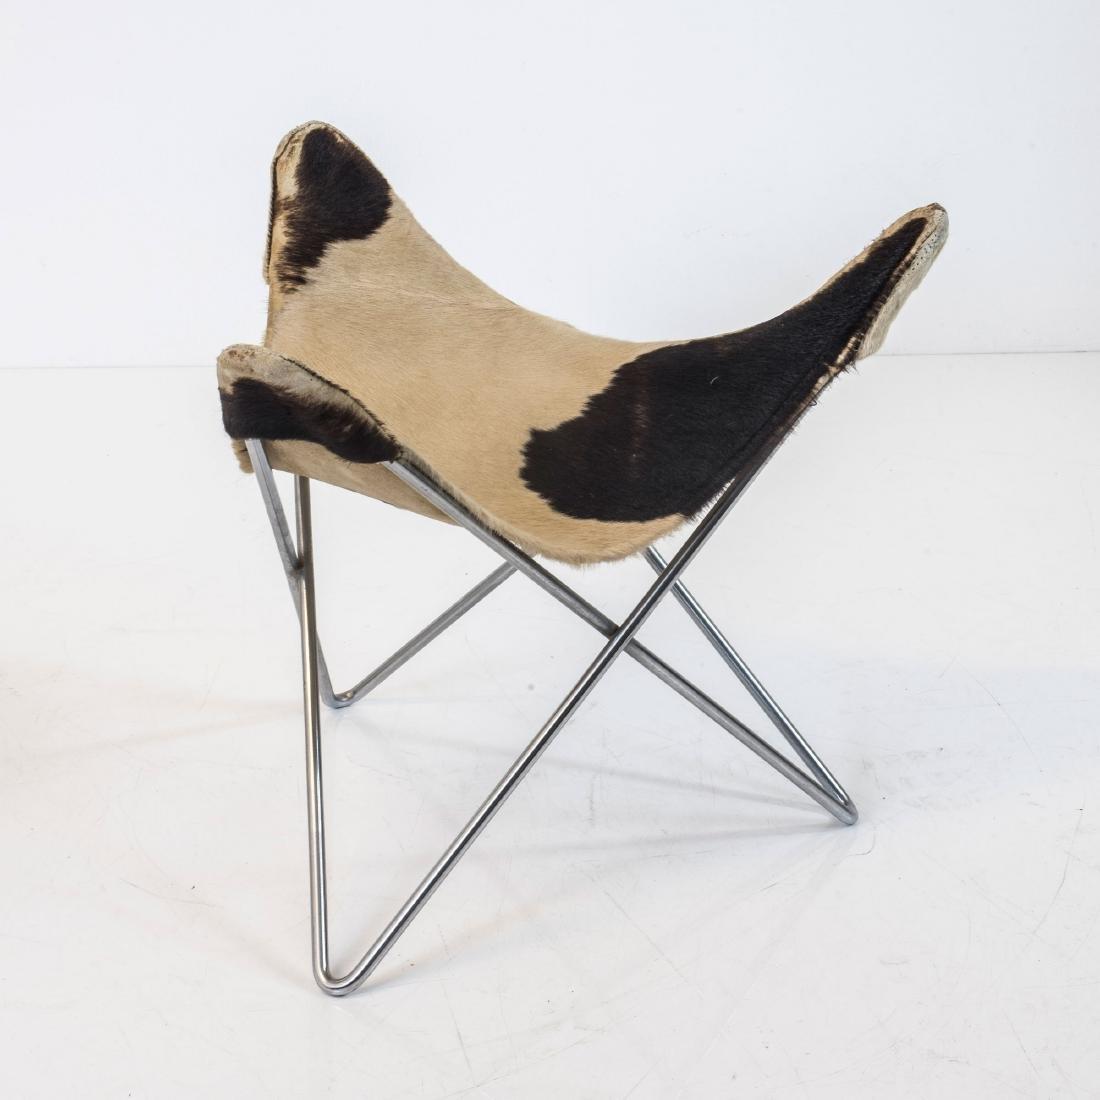 'Bat' - 'Butterfly' stool, c. 1952 - 2